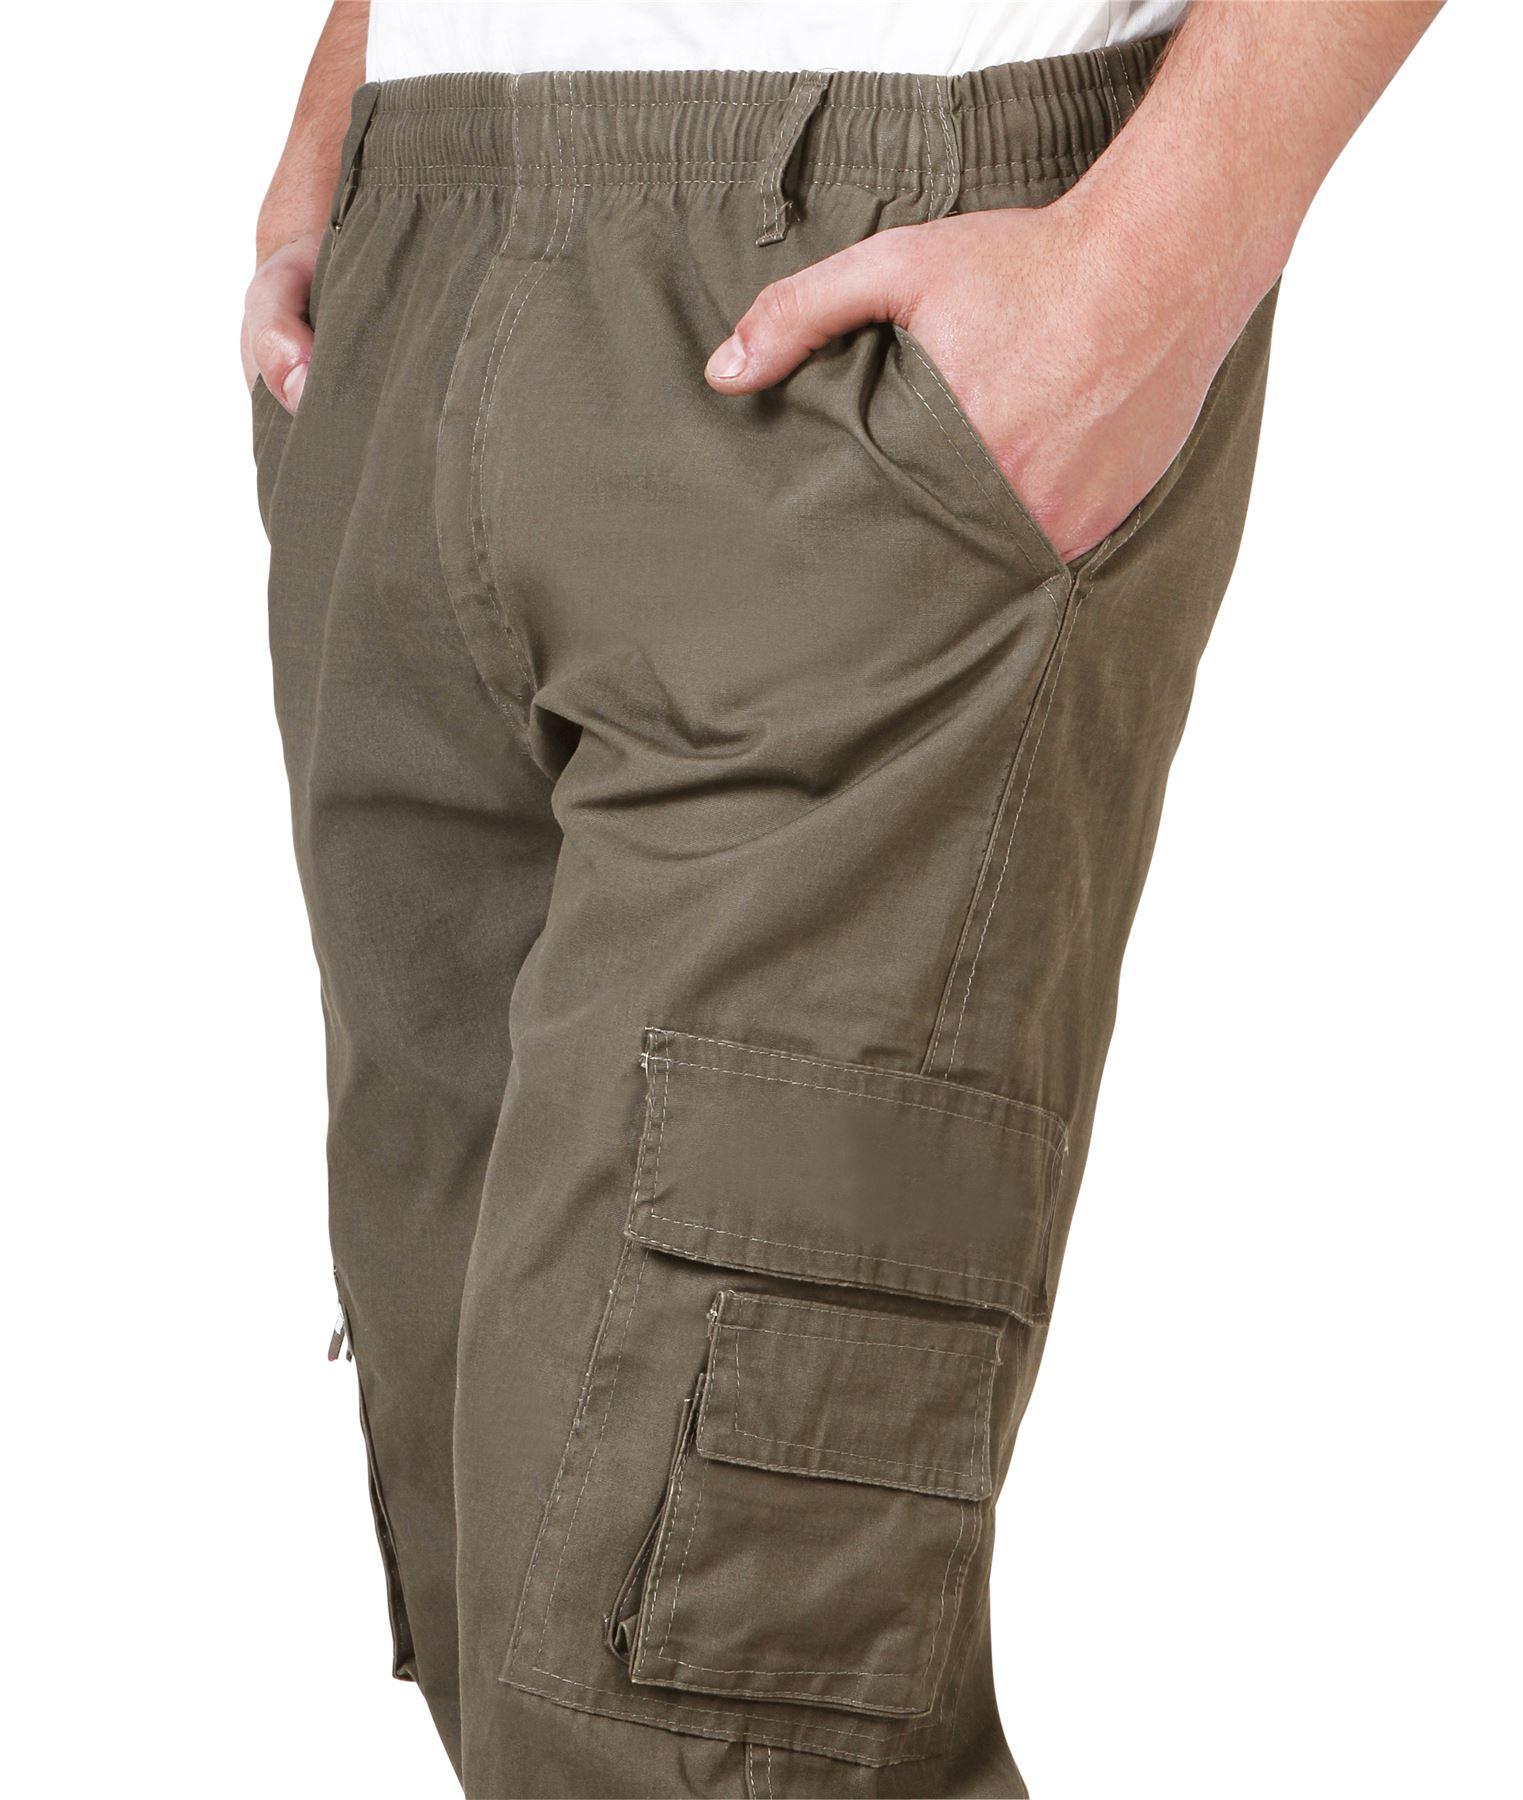 Uomo-Militare-Cargo-Pantaloni-Cotone-Lavoro-Chino-Casual-Kaki miniatura 33